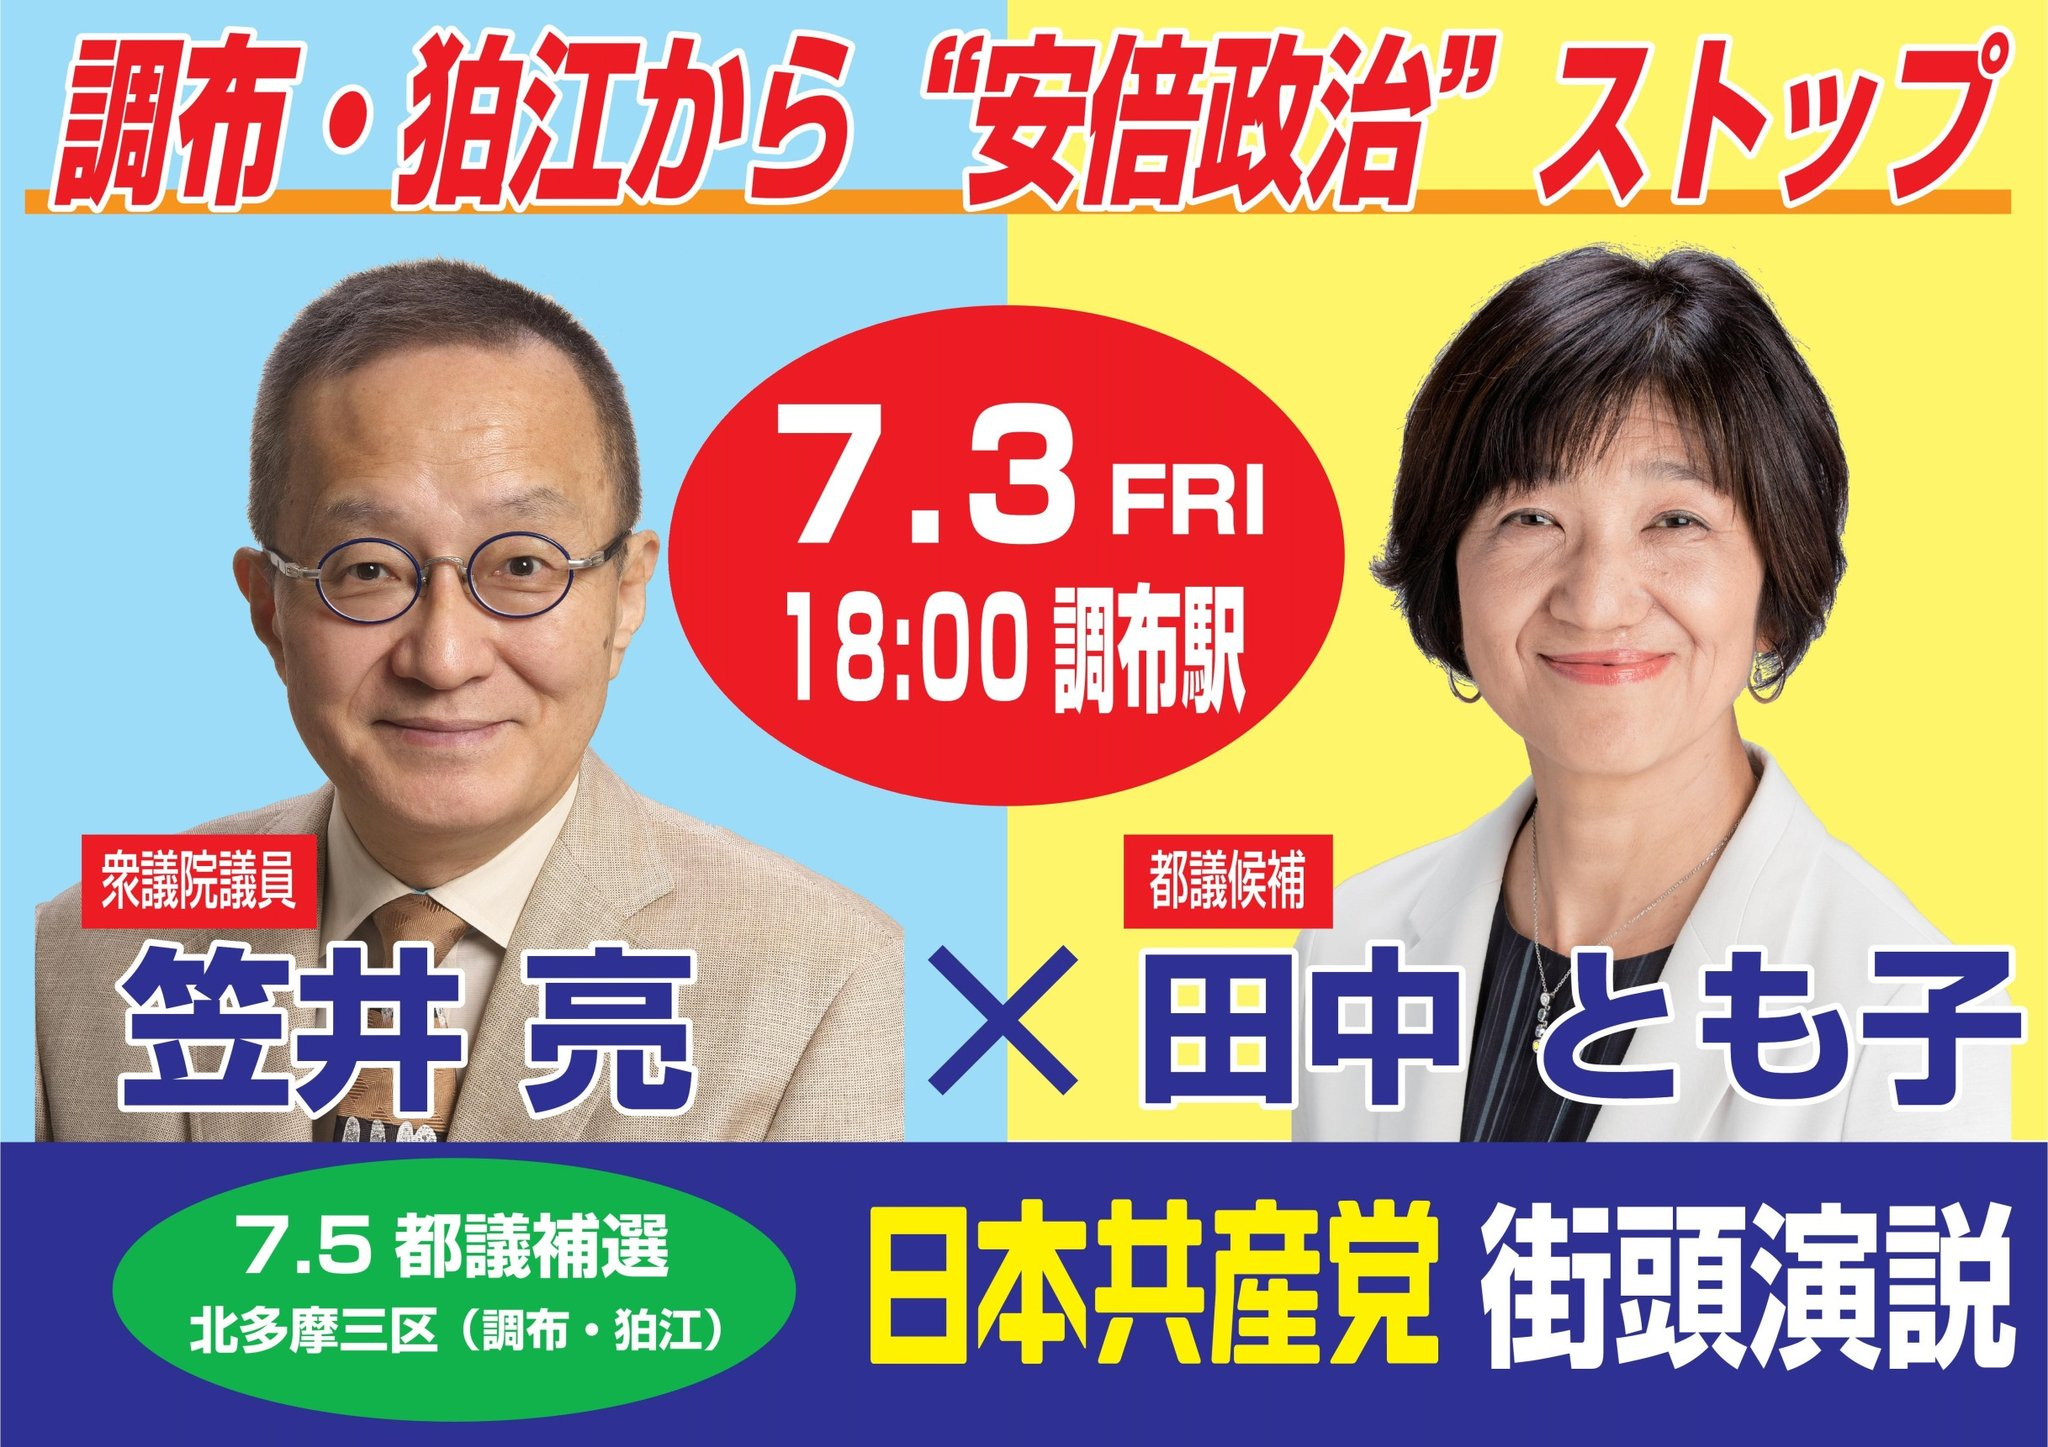 笠井亮衆議院議員との街頭宣伝(3日午後6時調布駅)にお越しください